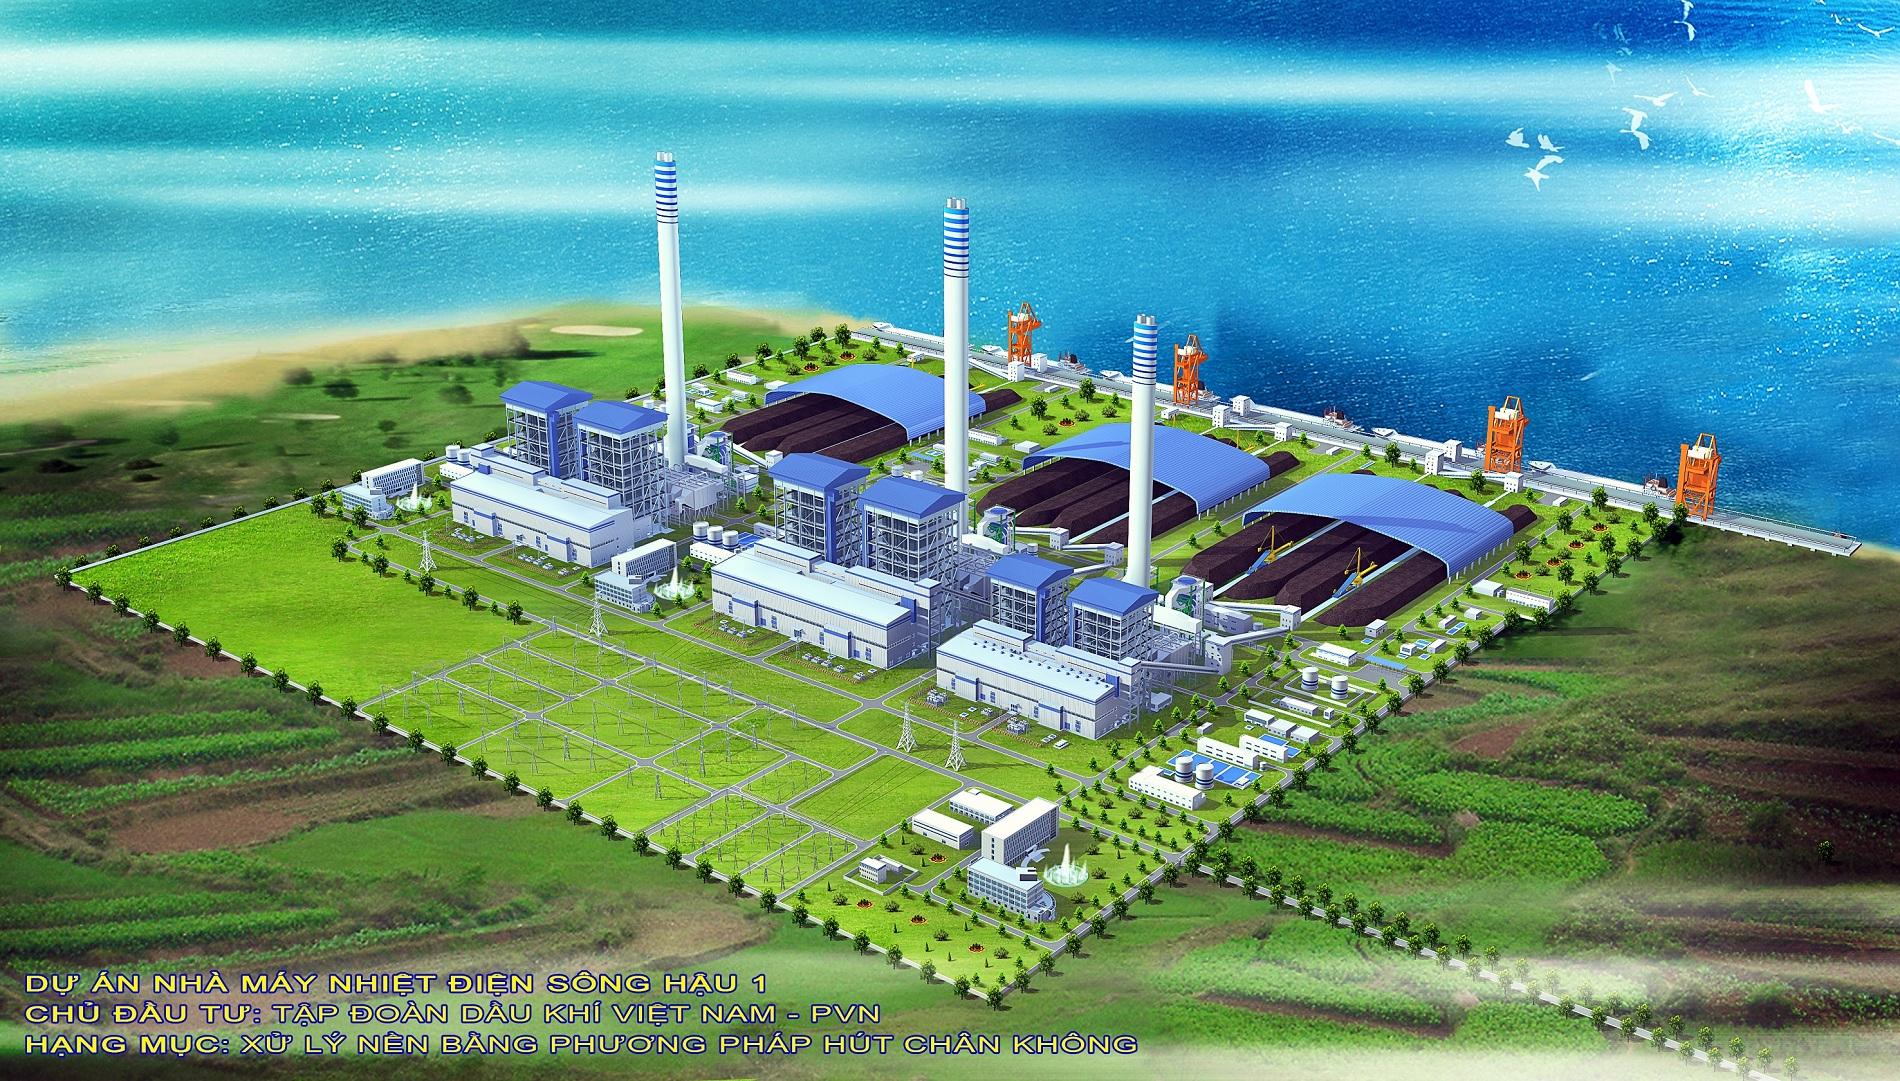 Tìm kiếm doanh nghiệp tiêu thụ tro, xỉ Nhà máy nhiệt điện Sông Hậu 1